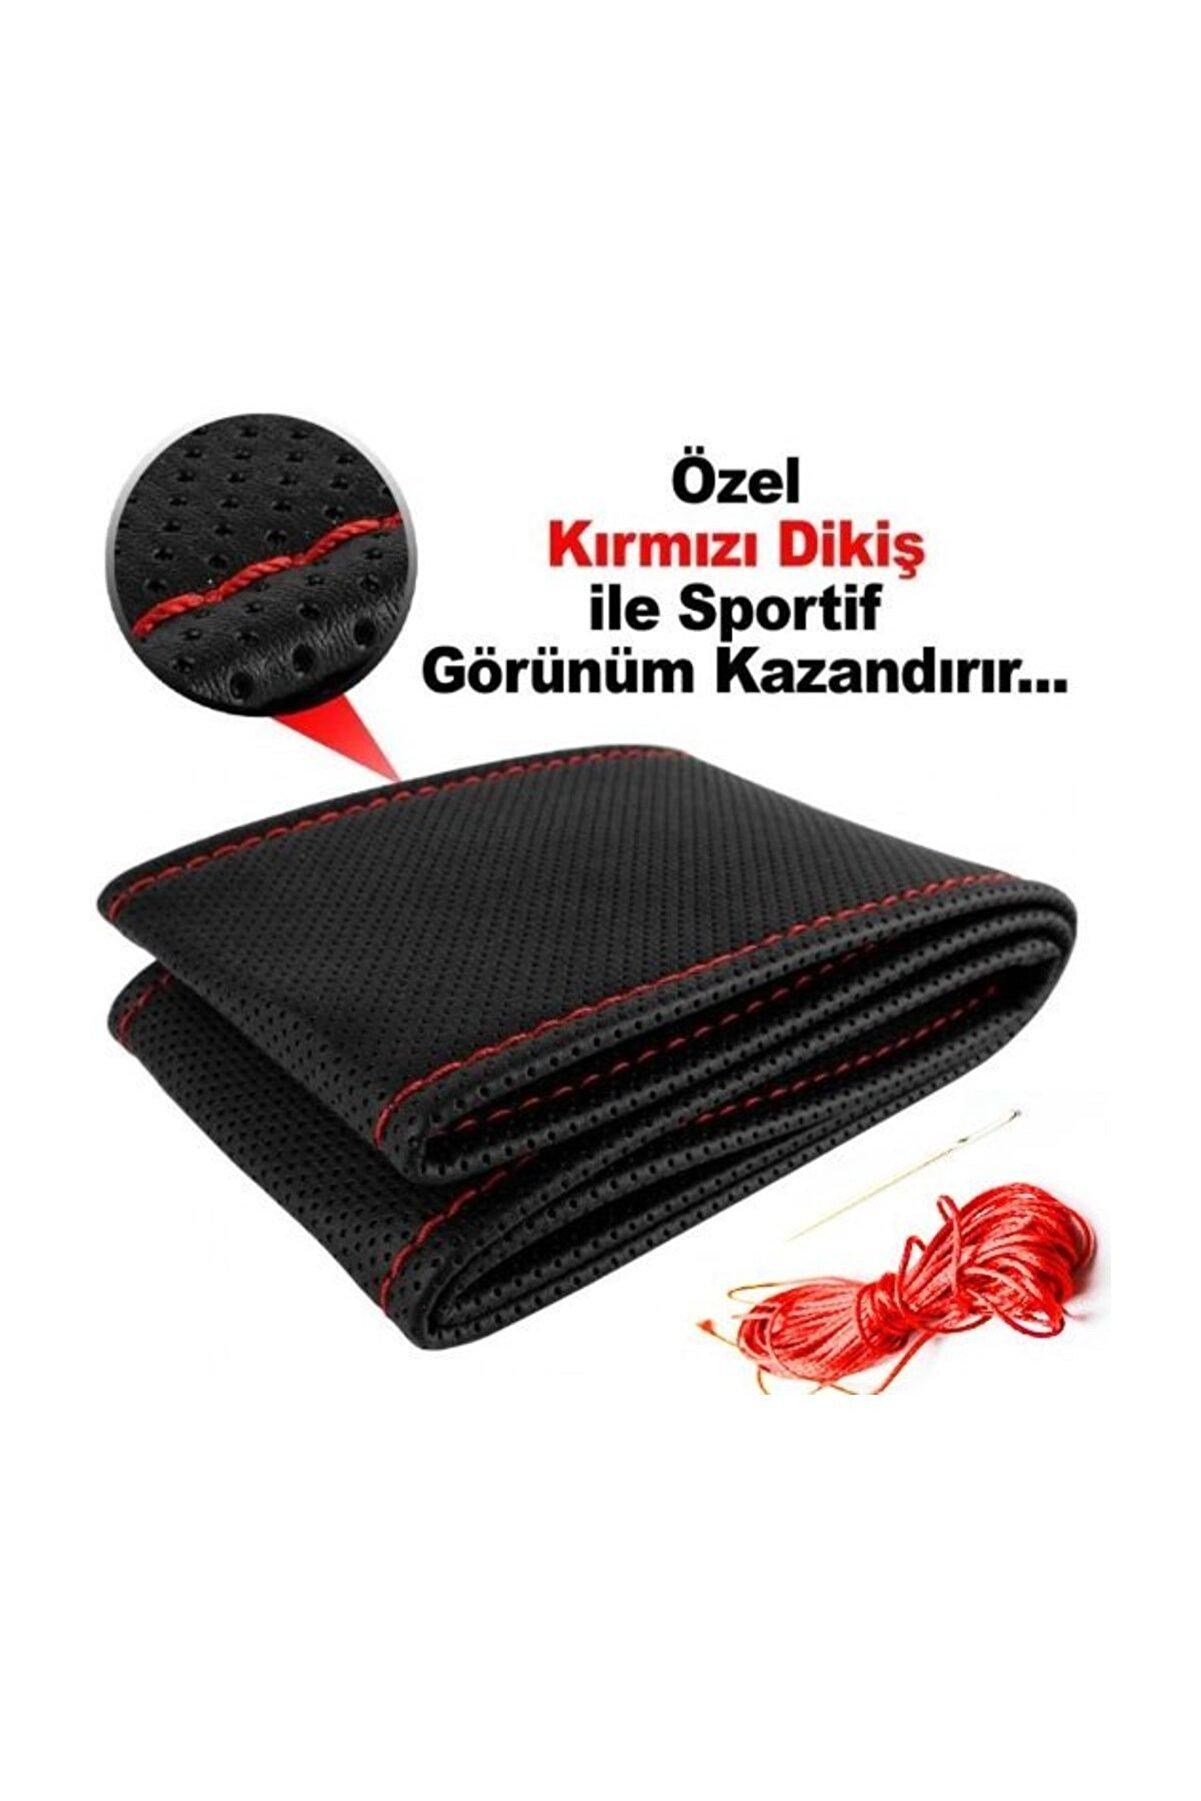 AutoEN Bmw M Serisi Deri Direksiyon Kılıfı Sarmalı Dikmeli Siyah Kırmızı Dikişli Kokusuz